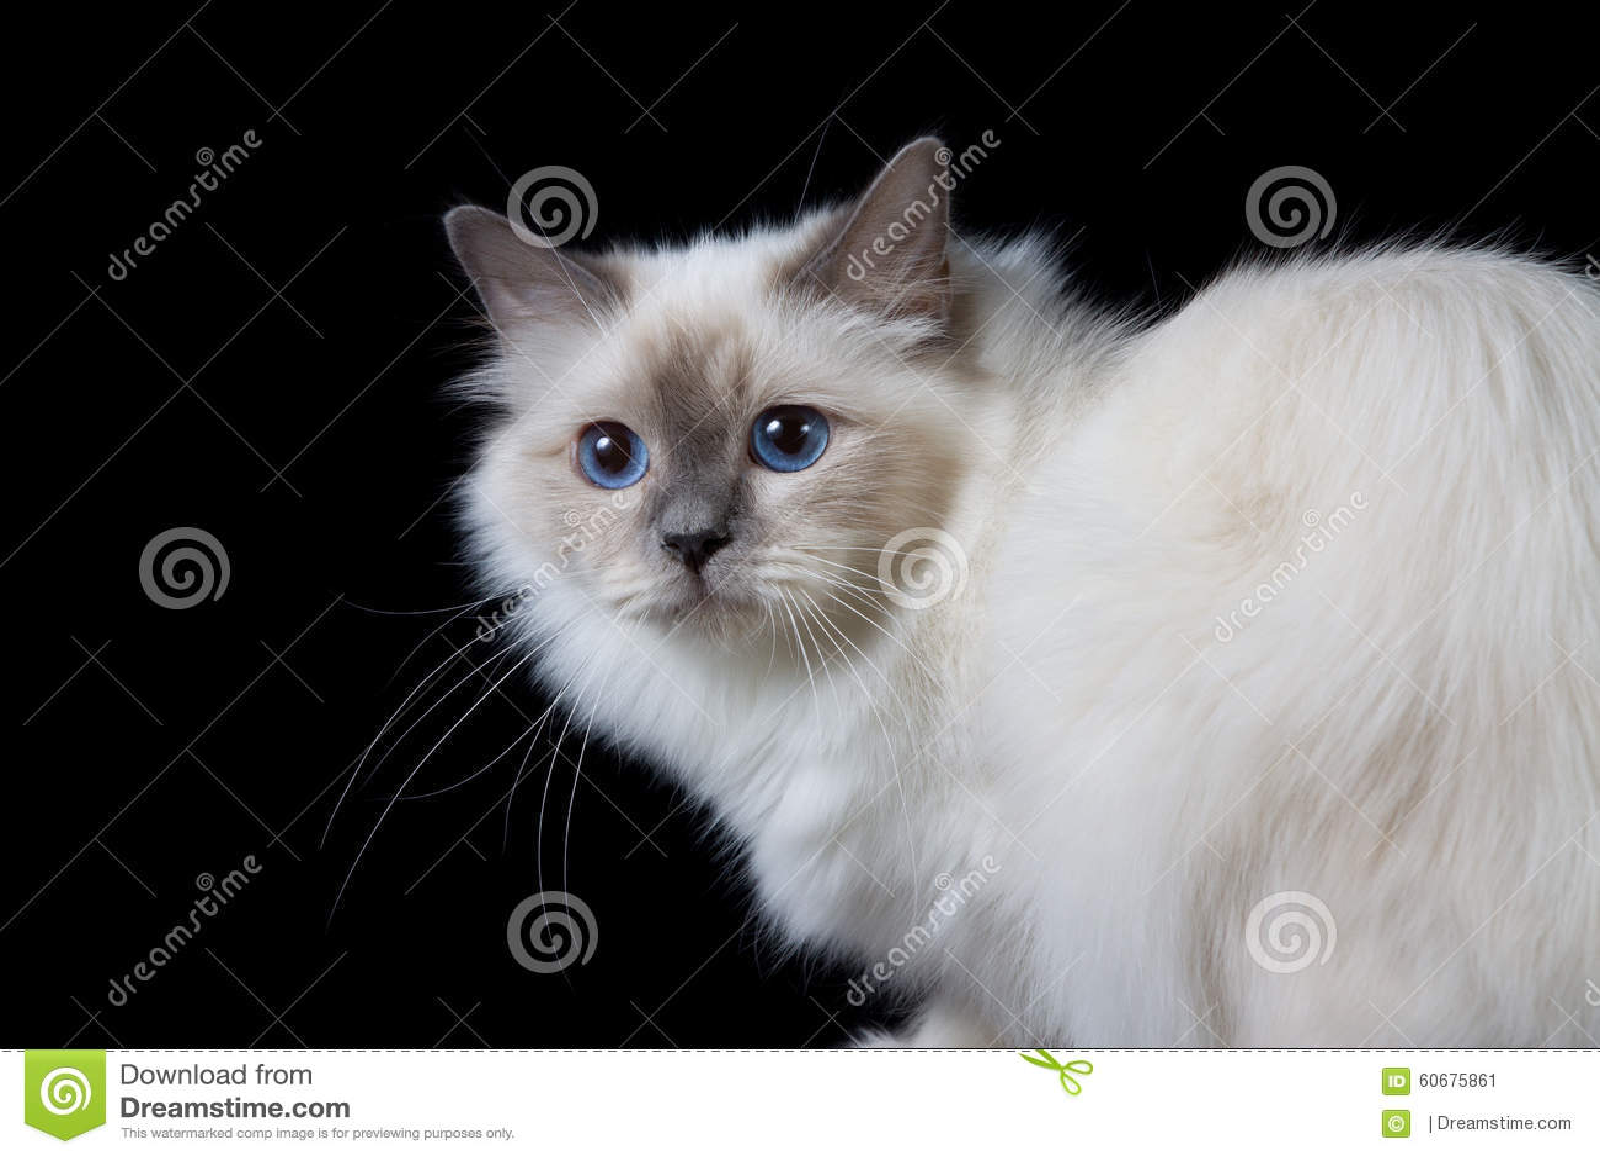 Resea y sinopsis de Los ojos azules pelo negro